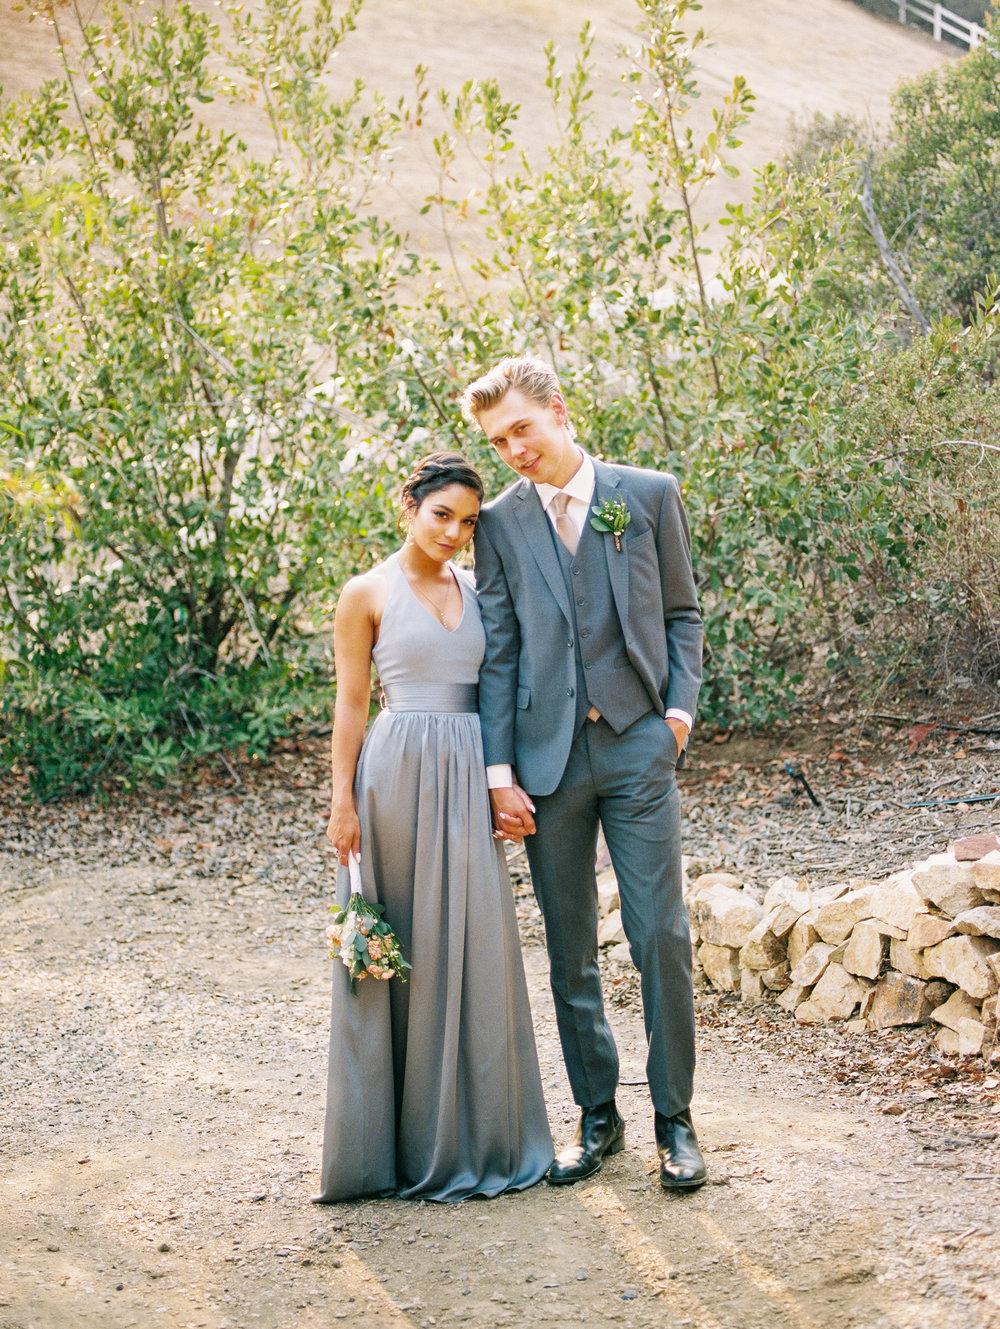 dennisroycoronel_ashleyanthony_vanessahudgens_austinbutler_wedding_losangeles_photographer-129.jpg